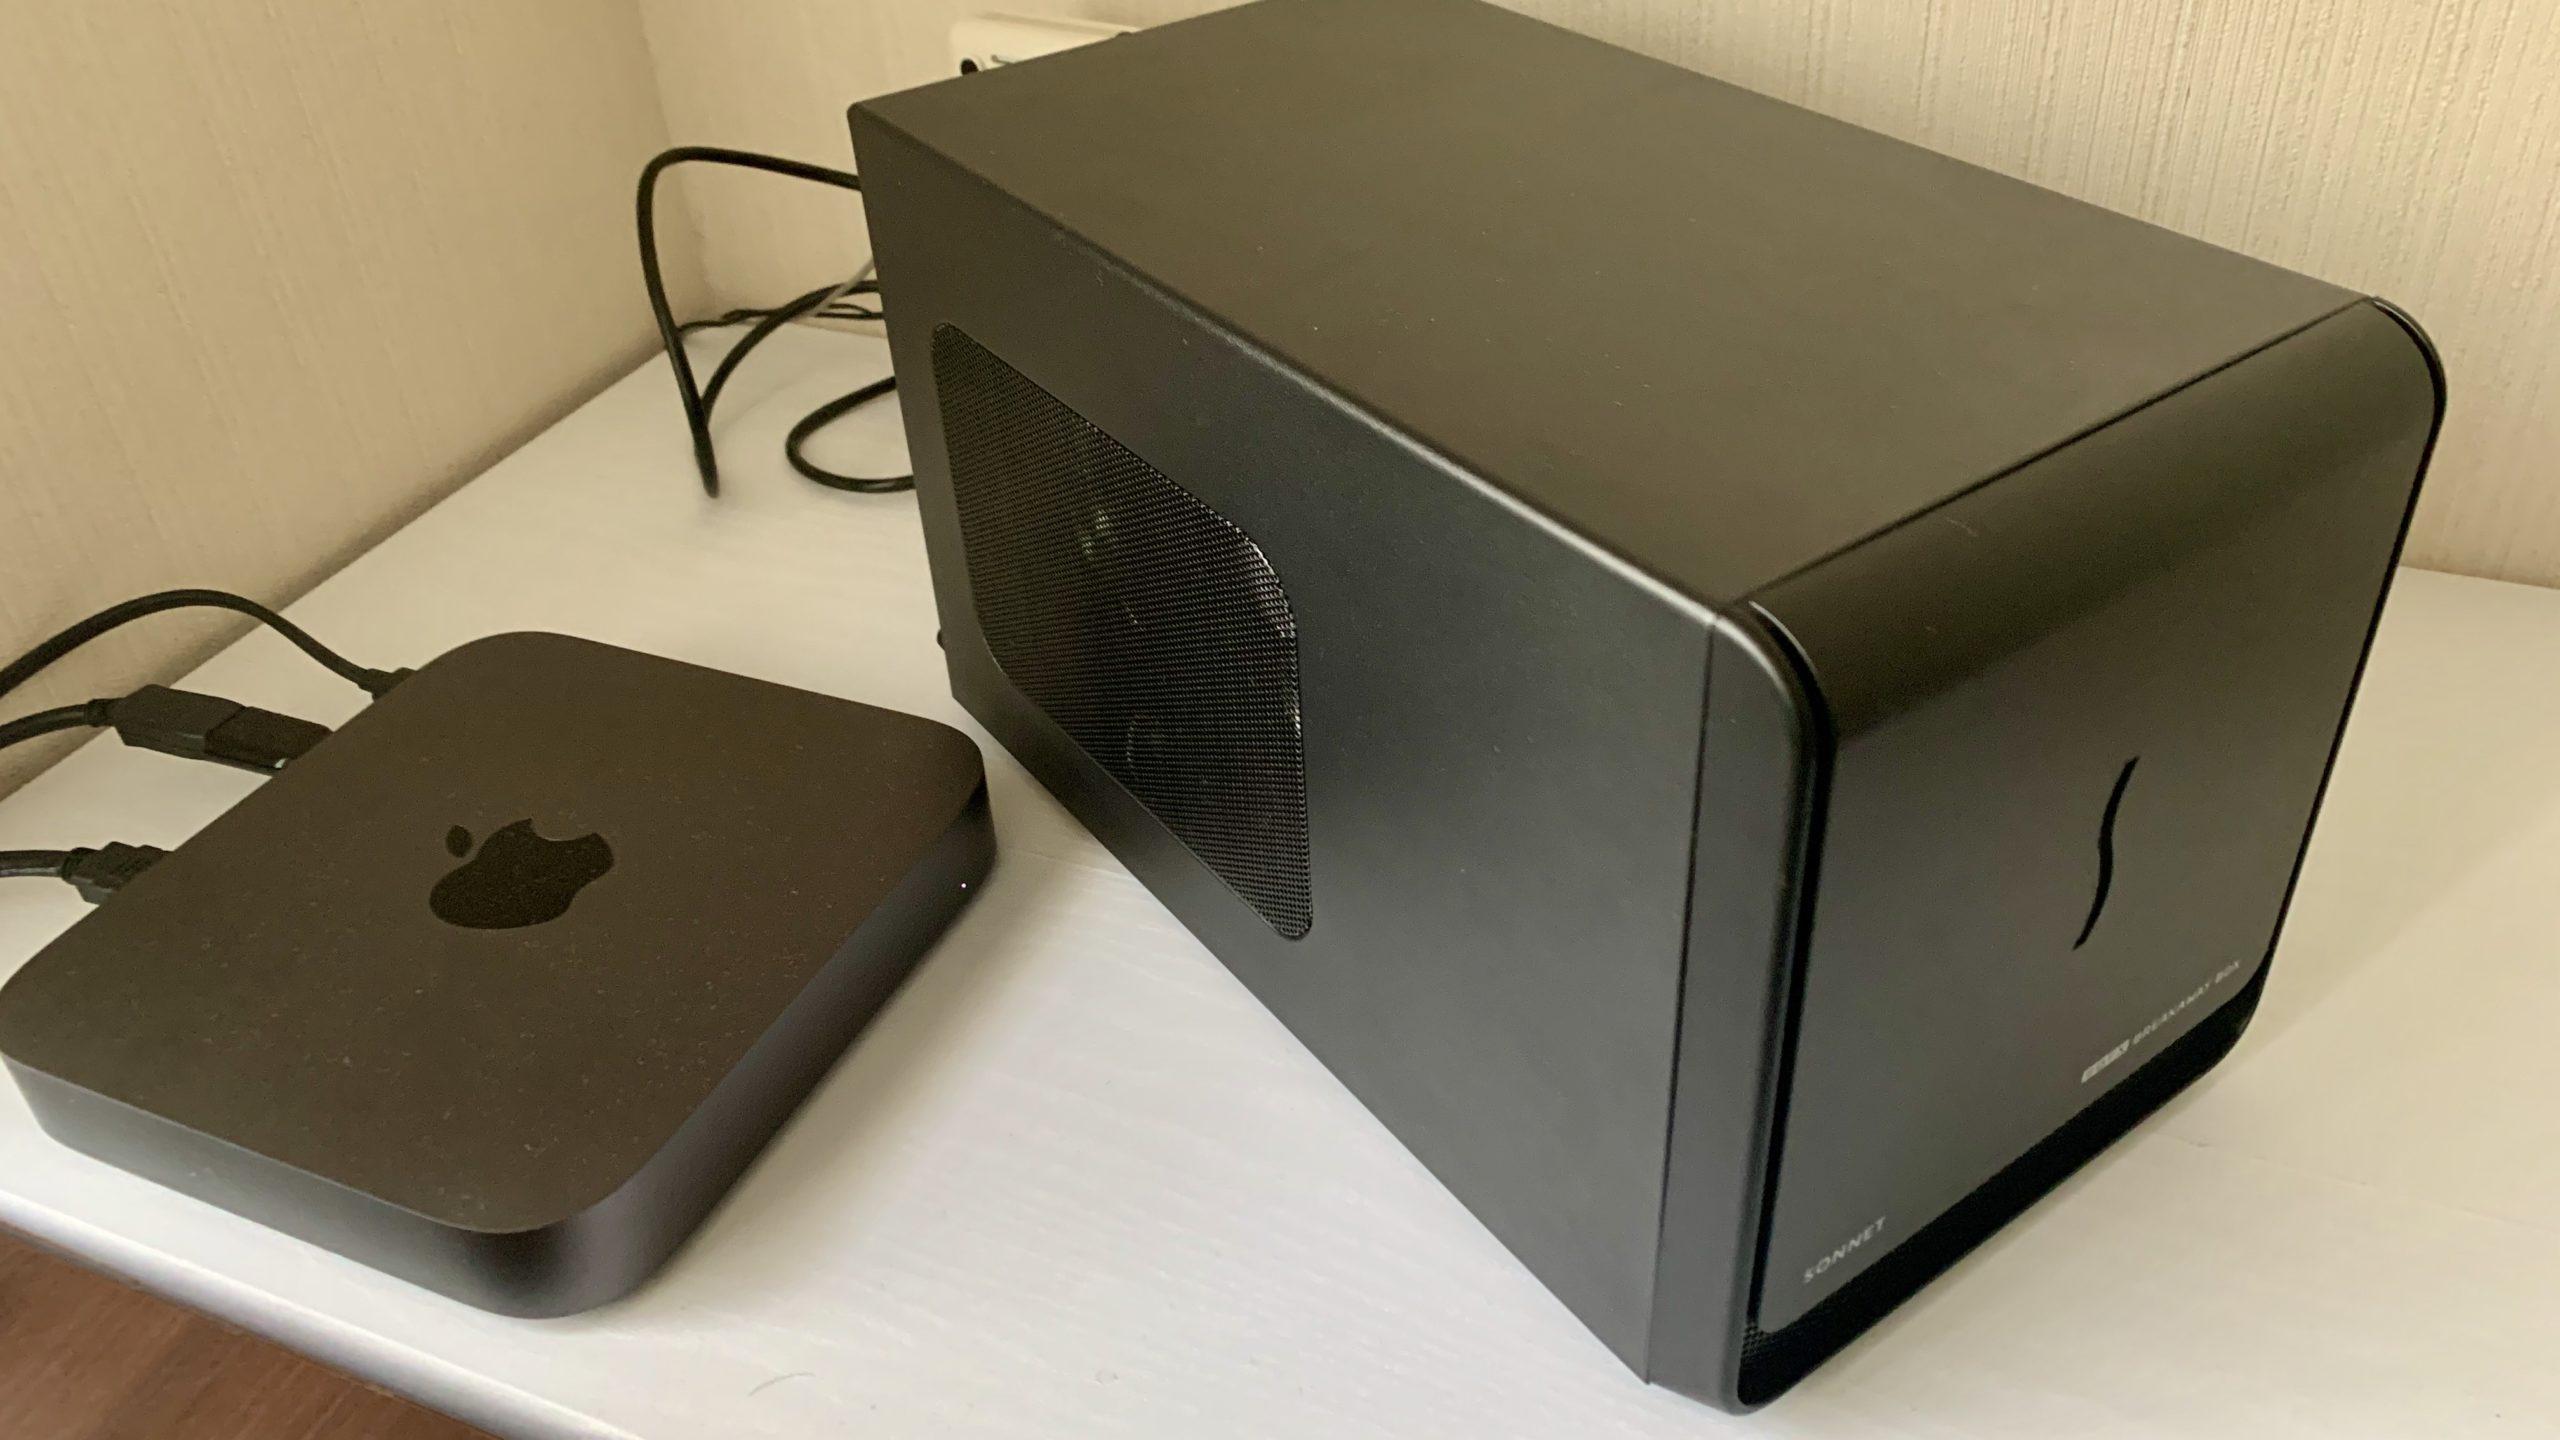 Mac mini eGPU